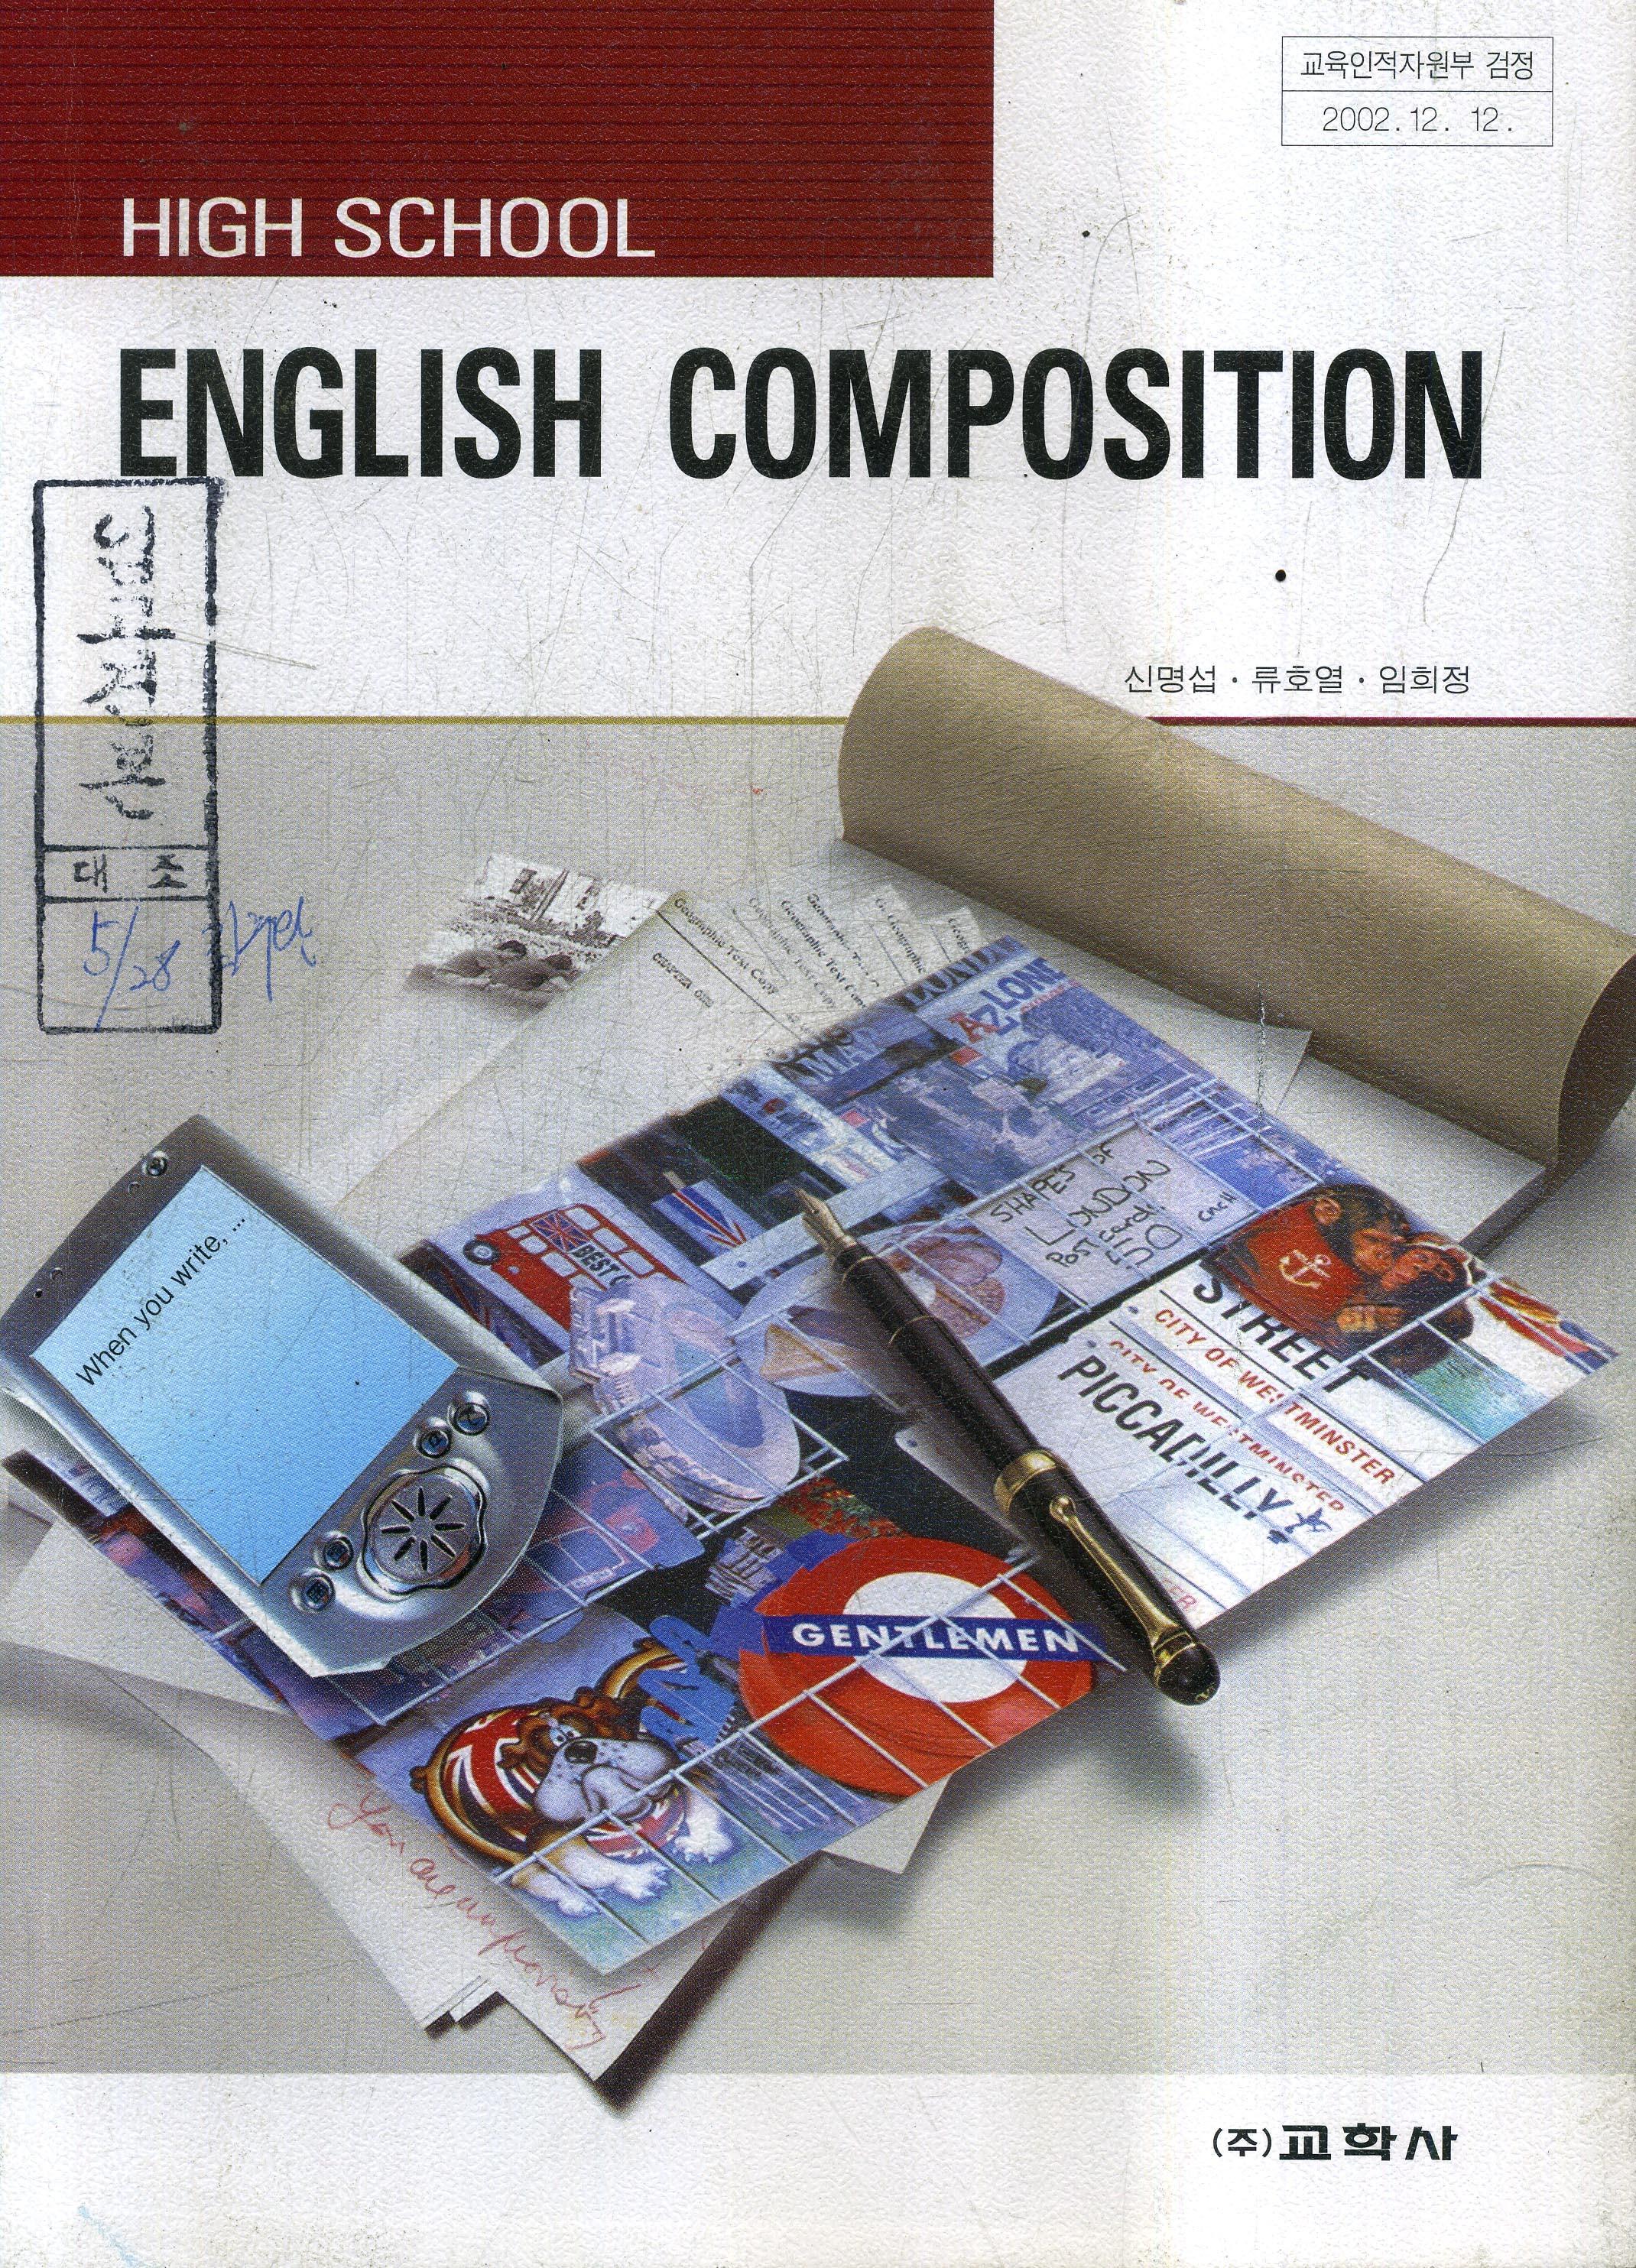 7차 고등 ENGLISH COMPOSITION 교과서 (이기동 외)